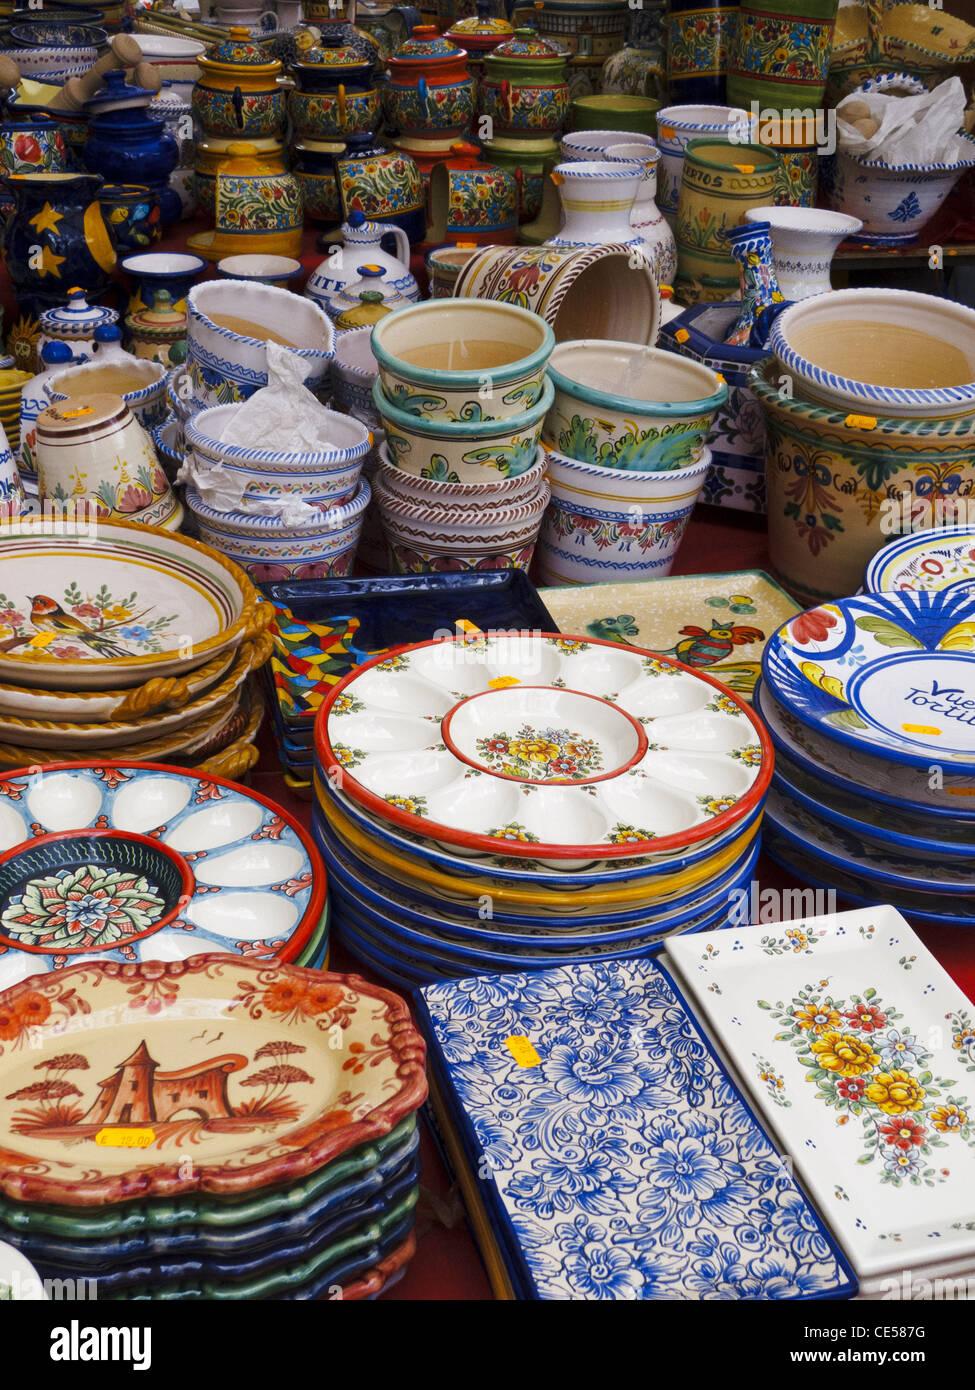 Hand-painted ceramic plates and bowls at El Rastro market Madrid Spain. & Hand-painted ceramic plates and bowls at El Rastro market Madrid ...